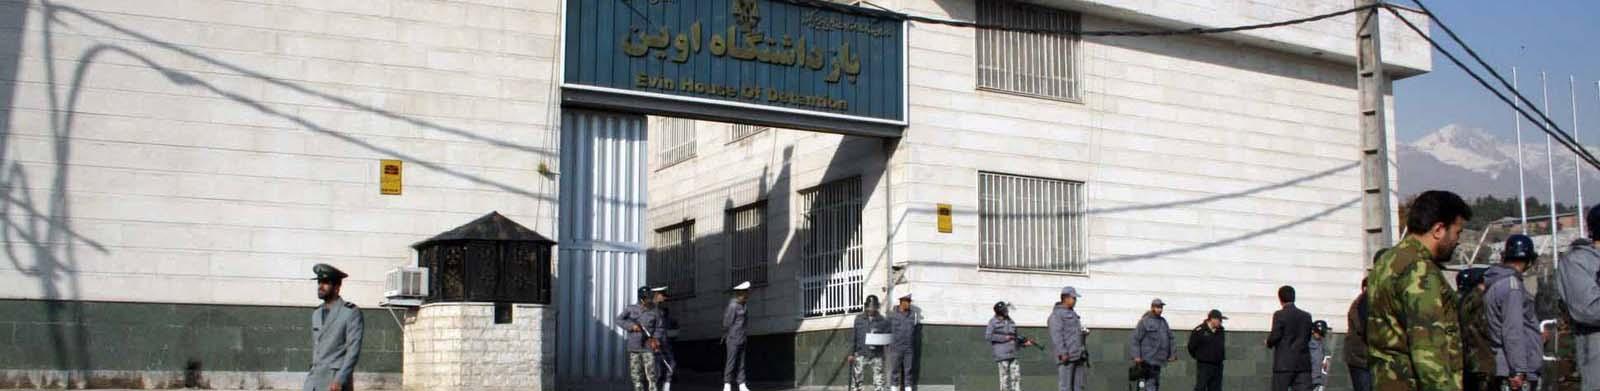 Evin Gefängnis